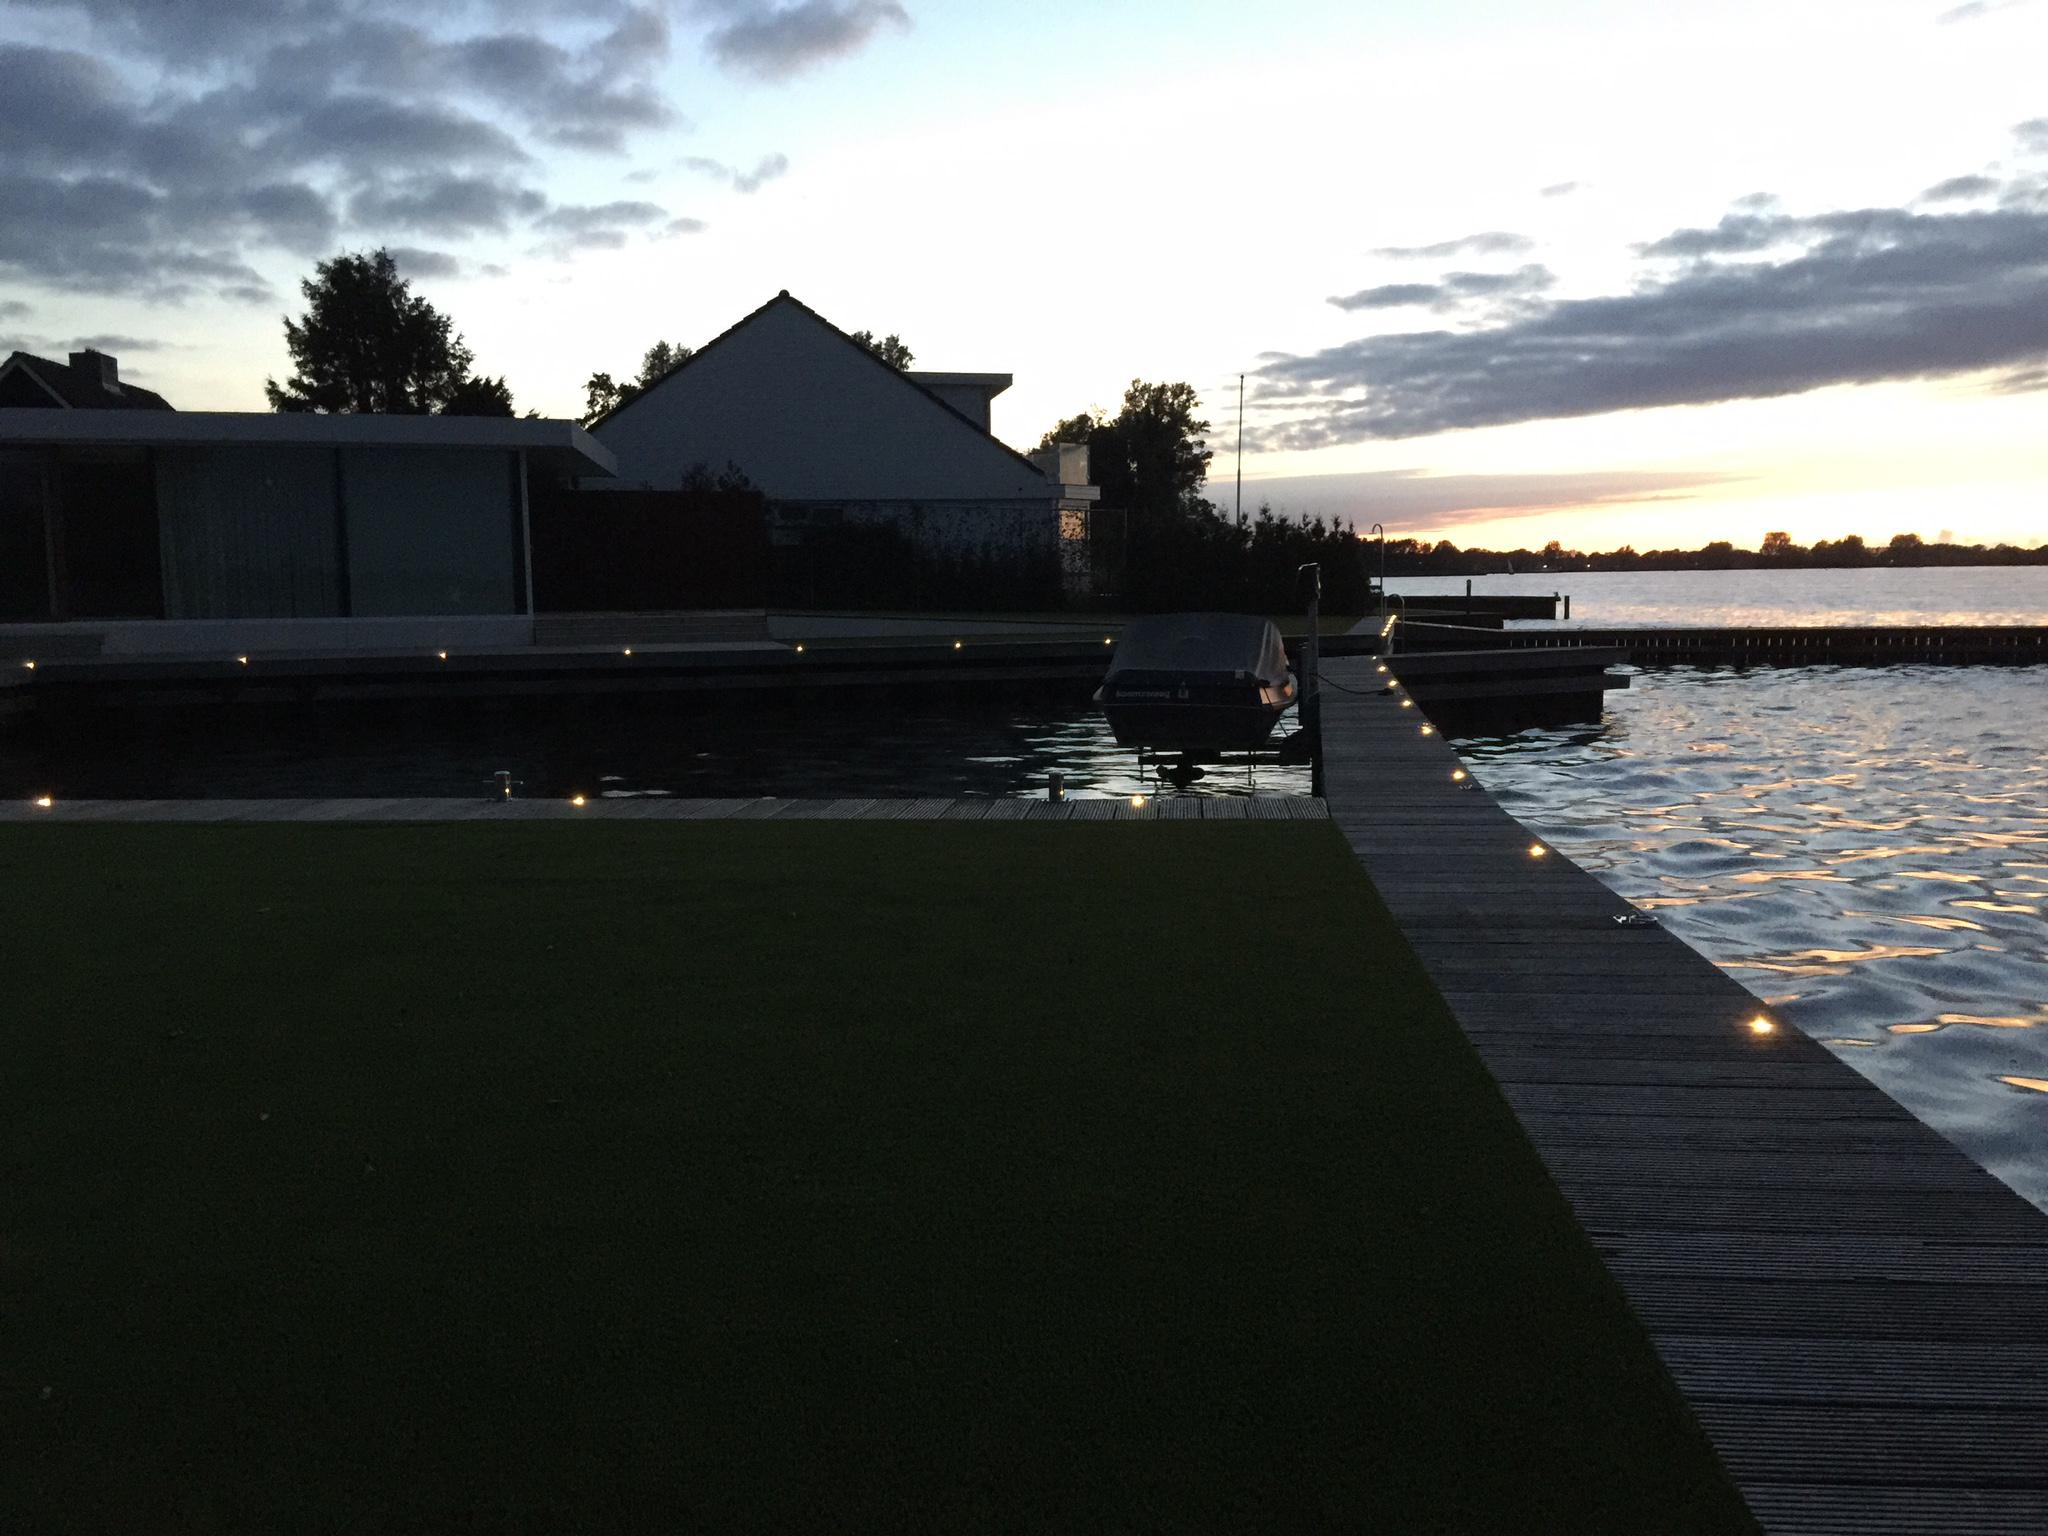 Vakantie woning Friesland steiger verlichting 10 - Paul Rattink ...